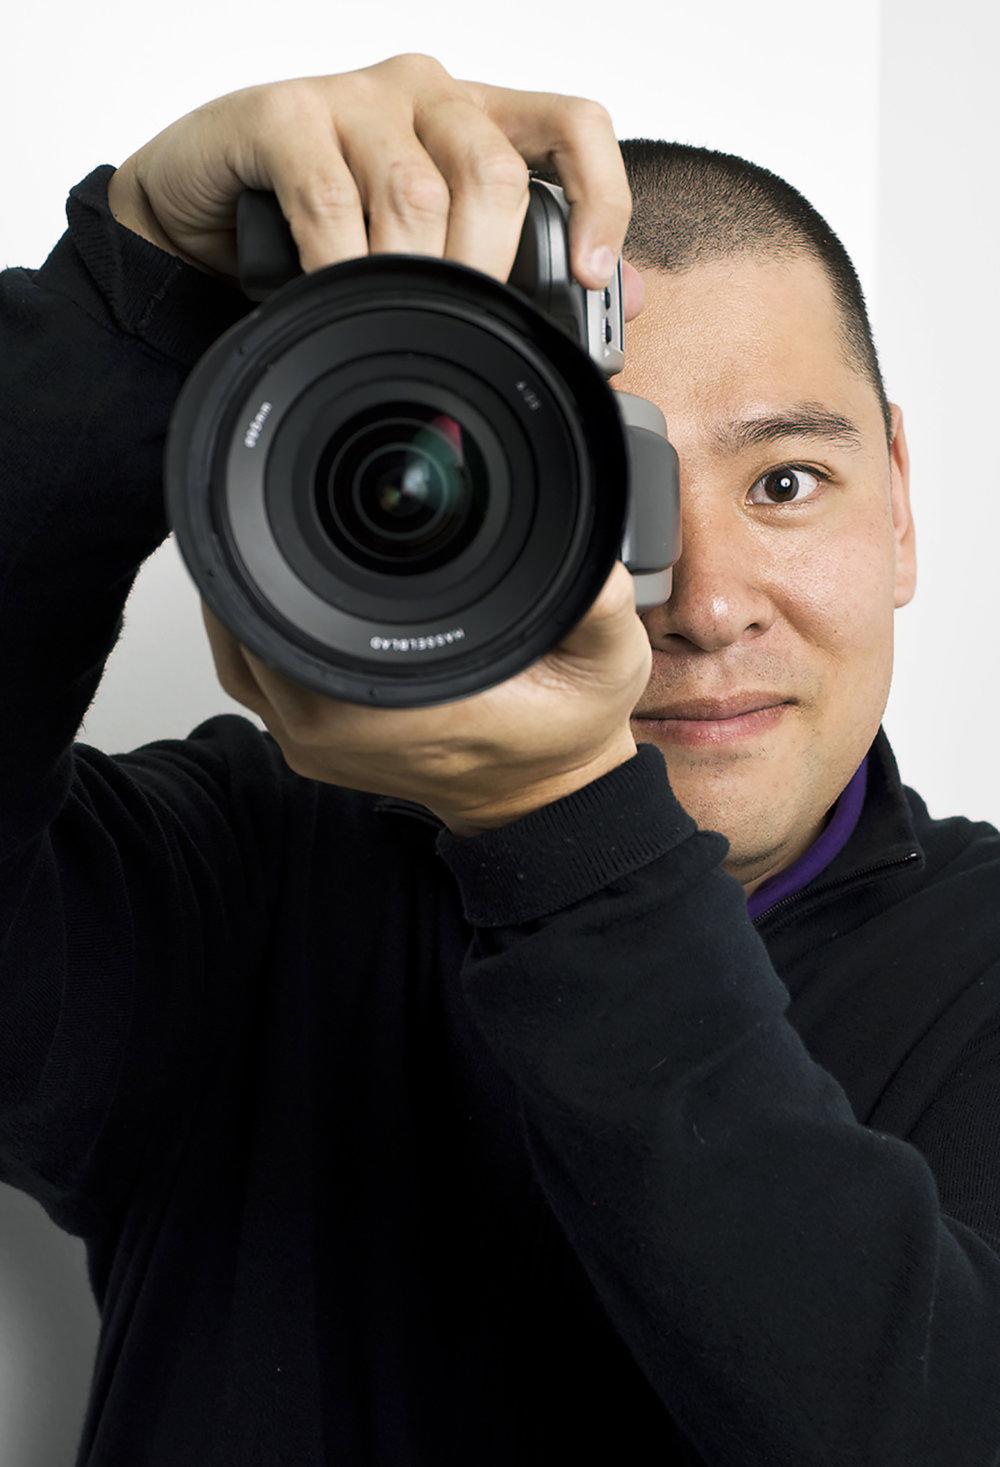 越智 貴雄 - 写真家•1979年大阪生まれ。大阪芸術大学芸術学部写真学科卒業。2000年からパラリンピック撮影に携わり「カンパラプレス」を立ち上げる。•2012年パラリンピックアスリートの競技資金集めの為の「写真カレンダー」を発売。•2013年東京オリンピックパラリンピック招致の最終プレゼンテーションで使用された「跳躍写真」が話題となる。•2014年、写真集「切断ヴィーナス」を出版。2017年、寝たきりお笑い芸人の写真集「寝た集」を出版。義足のファッションショーや写真展等のイベントも多数開催している。